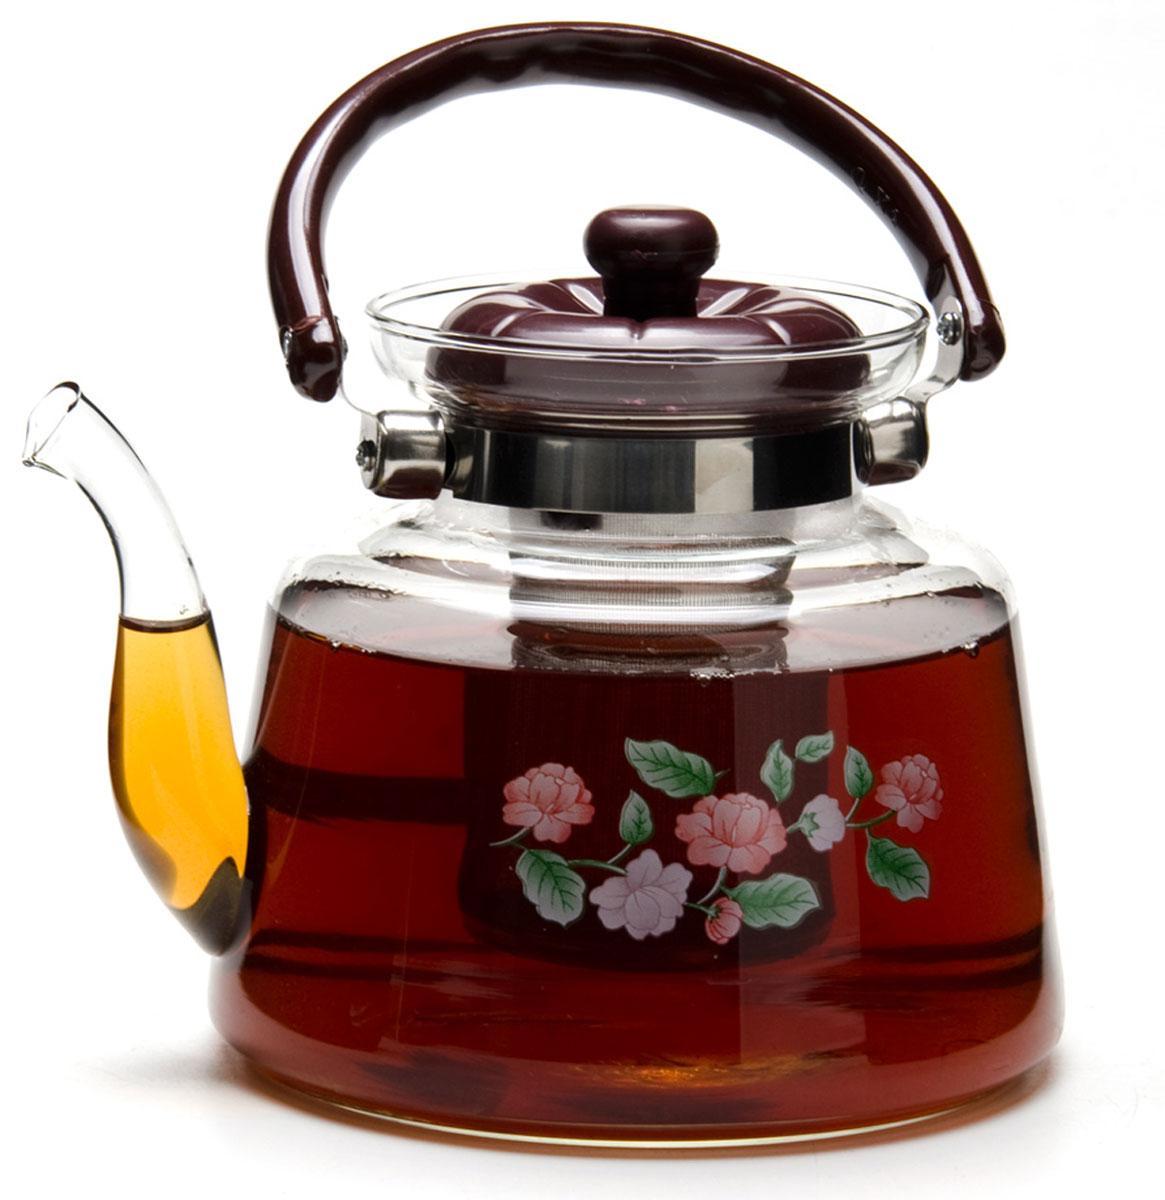 Чайник заварочный Mayer & Boch, 1,8 л. 2078254 009312Заварочный чайник, выполненный из жаропрочного стекла, практичный и простой в использовании. Ручка и крышка заварочного чайника изготовлены из пластика черного цвета, что обеспечивает дополнительную защиту от ожогов. Чайник оснащен сетчатым фильтром из нержавеющей стали, что позволяет задерживать чаинки и предотвращать их попадание в чашку, а прозрачные стенки дадут возможность наблюдать за насыщением напитка.Объем чайника: 1,8 л.